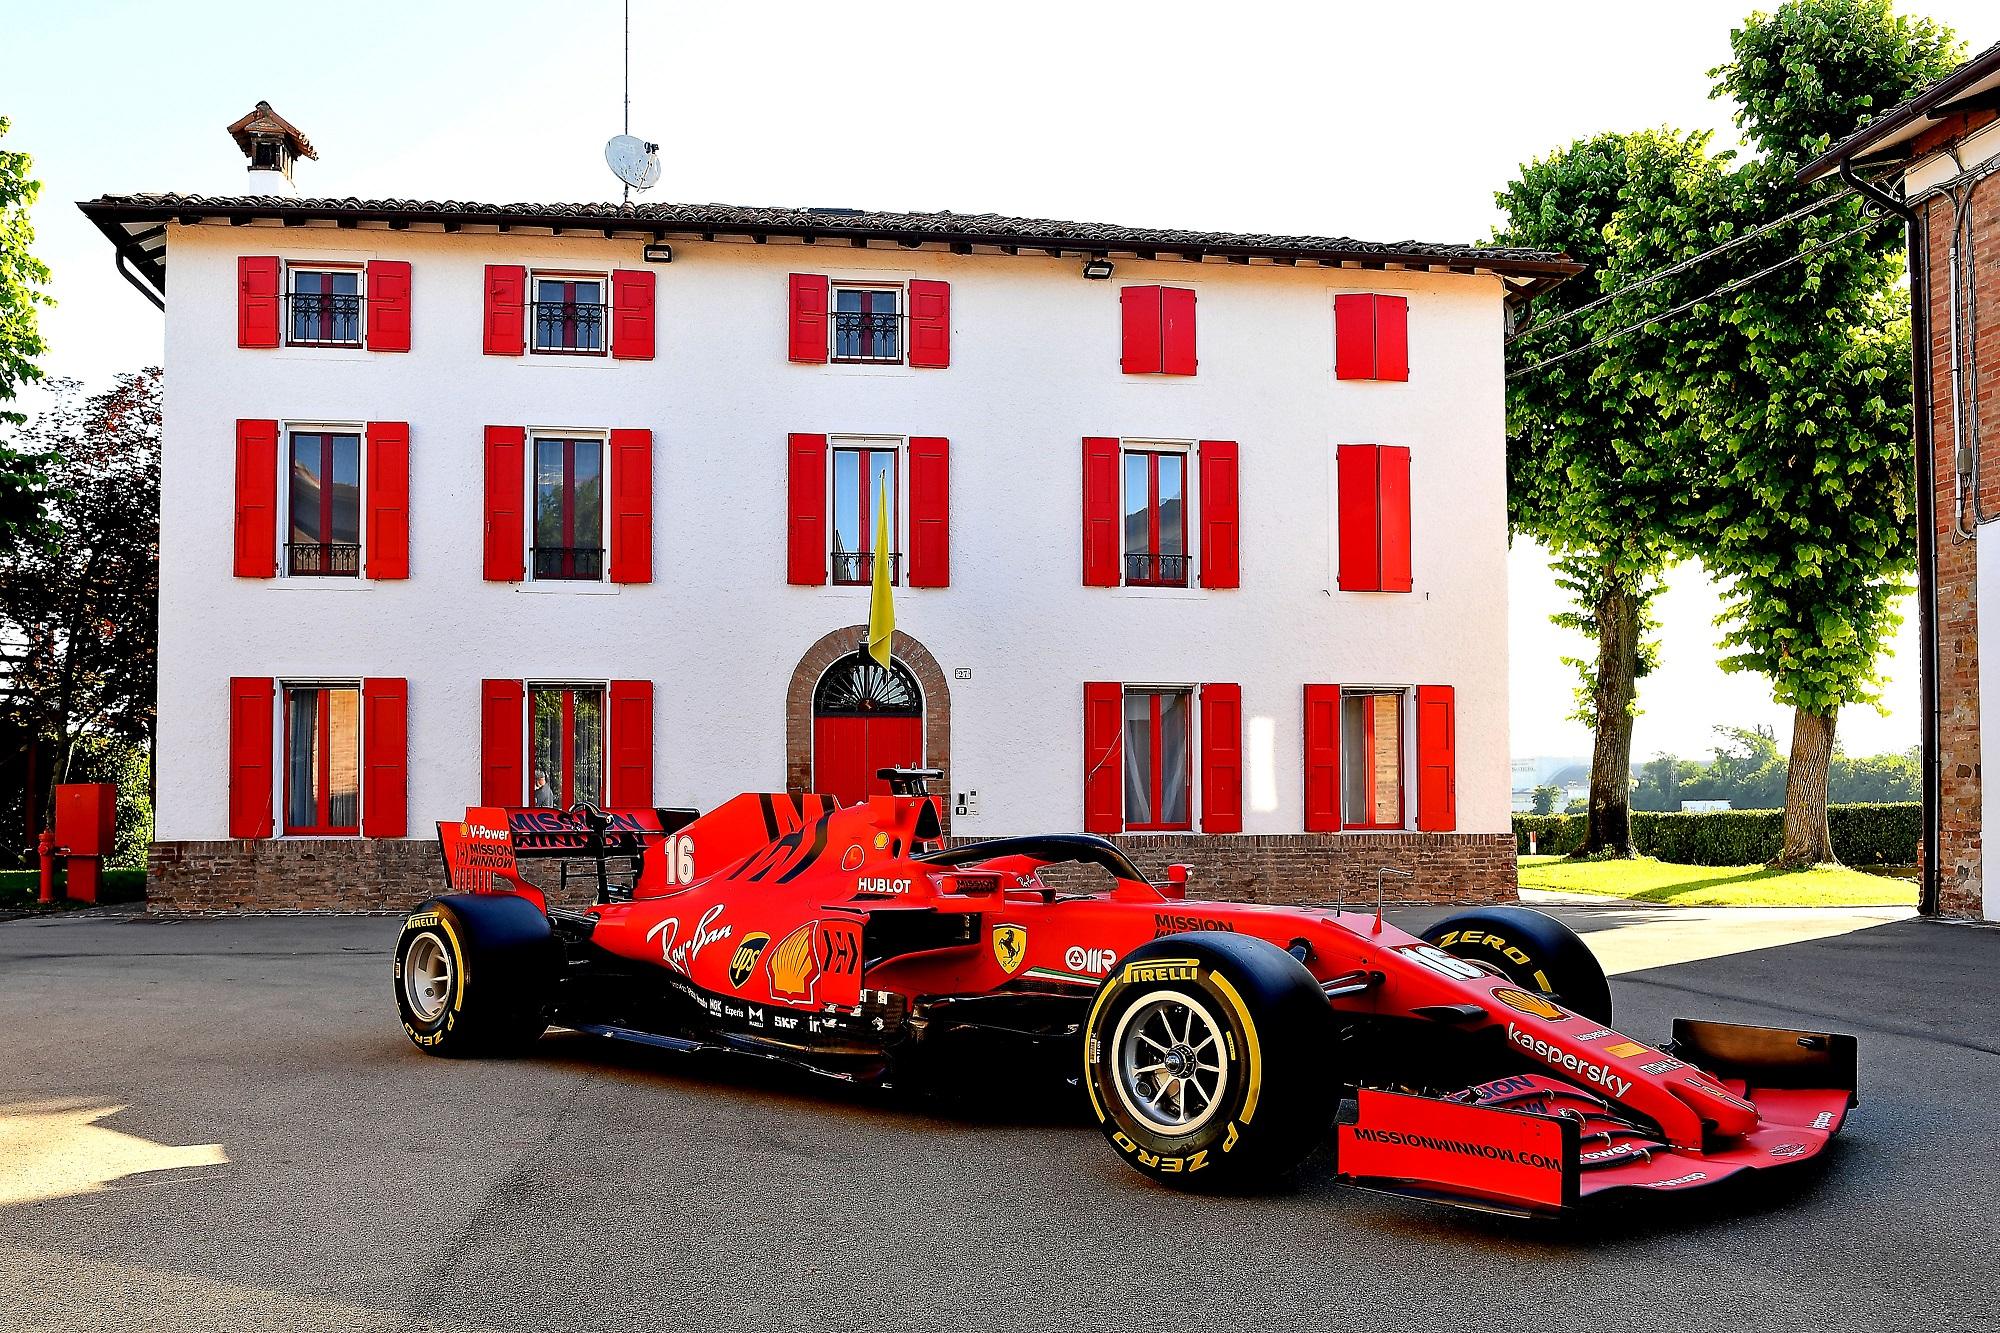 MARANELLO 18/06/2020 - STREET DEMO SF1000 / CHARLES LECLERC credit: © Scuderia Ferrari Press Office